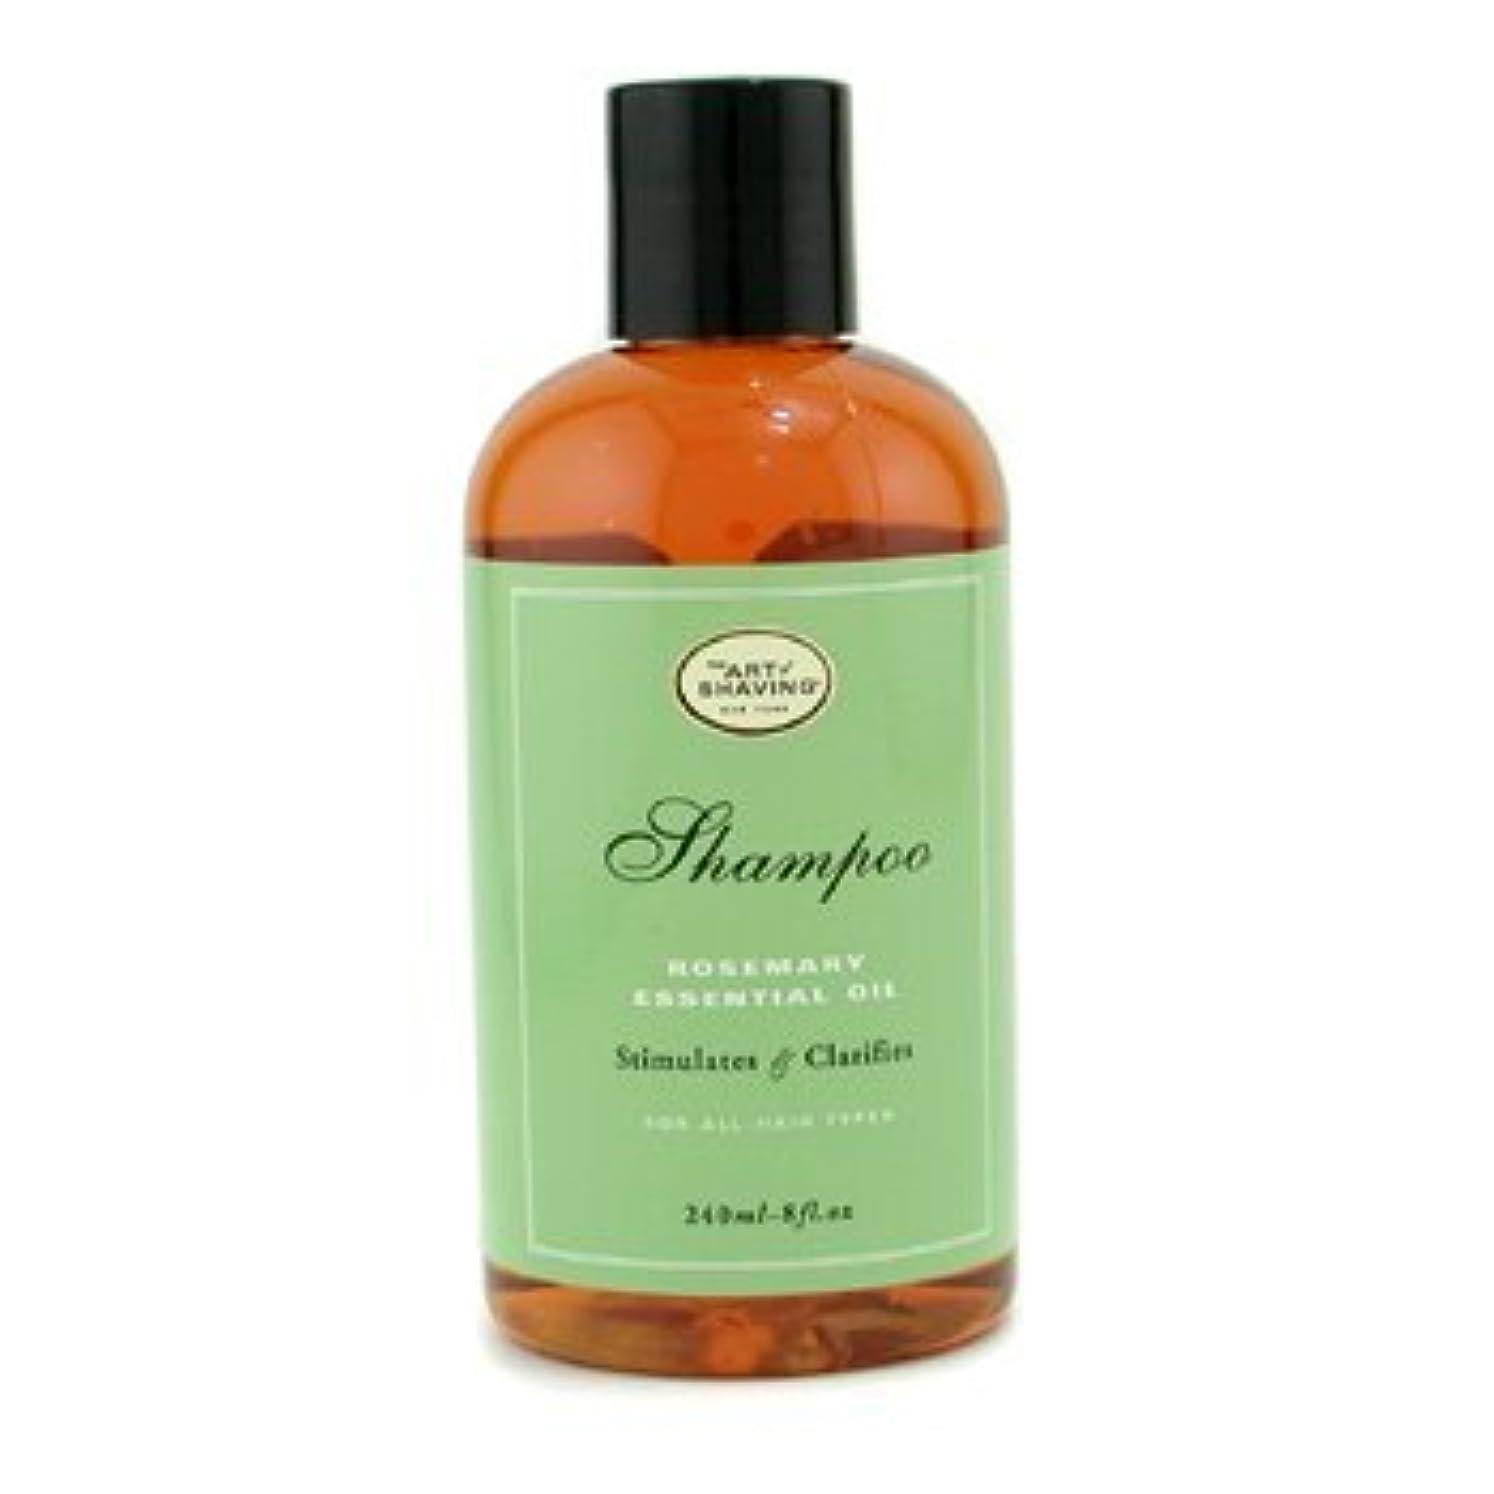 闘争悔い改めピザ[The Art Of Shaving] Shampoo - Rosemary Essential Oil ( For All Hair Types ) 240ml/8oz